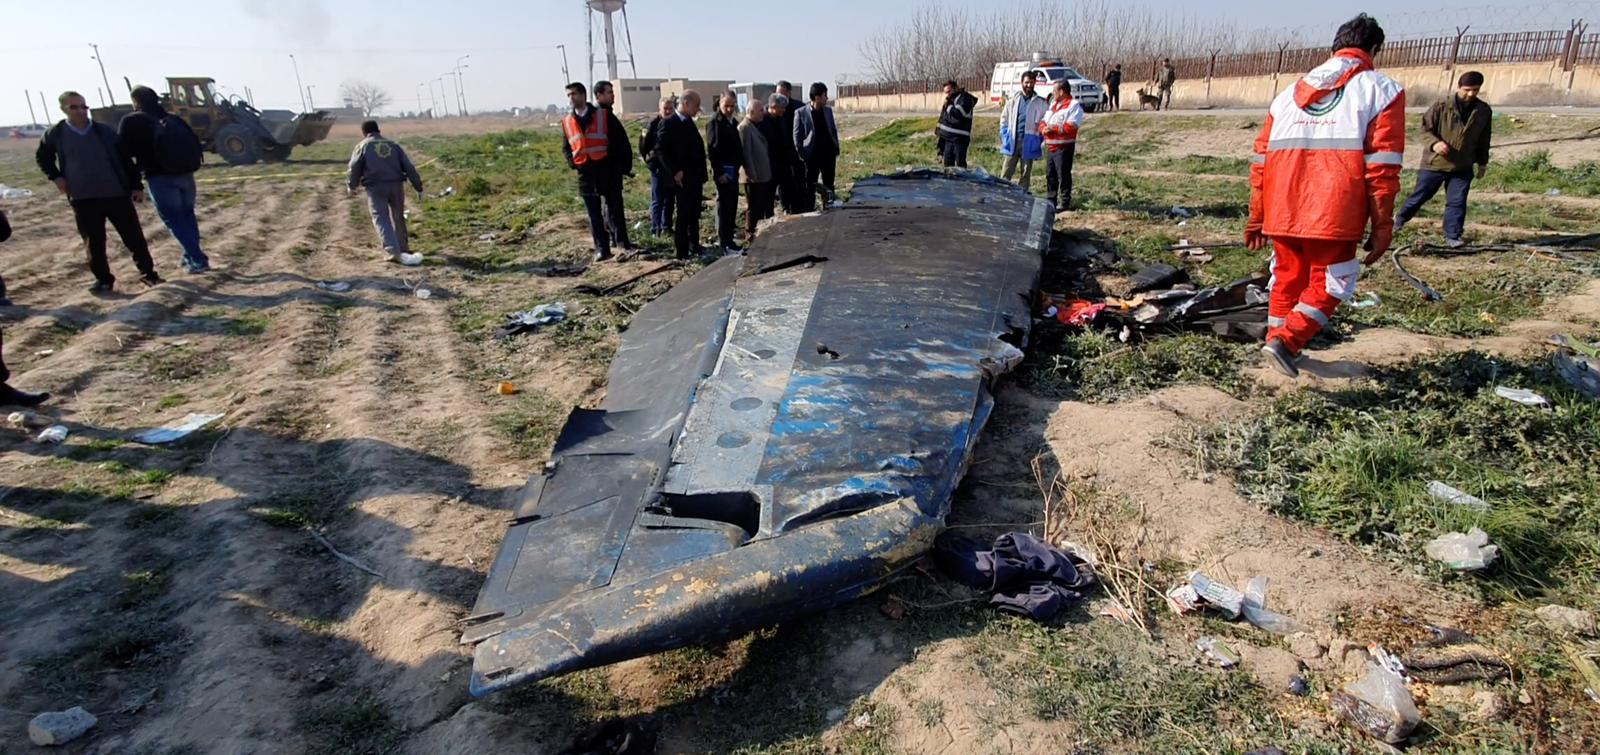 Iran admits it 'unintentionally' shot down Ukrainian aircraft